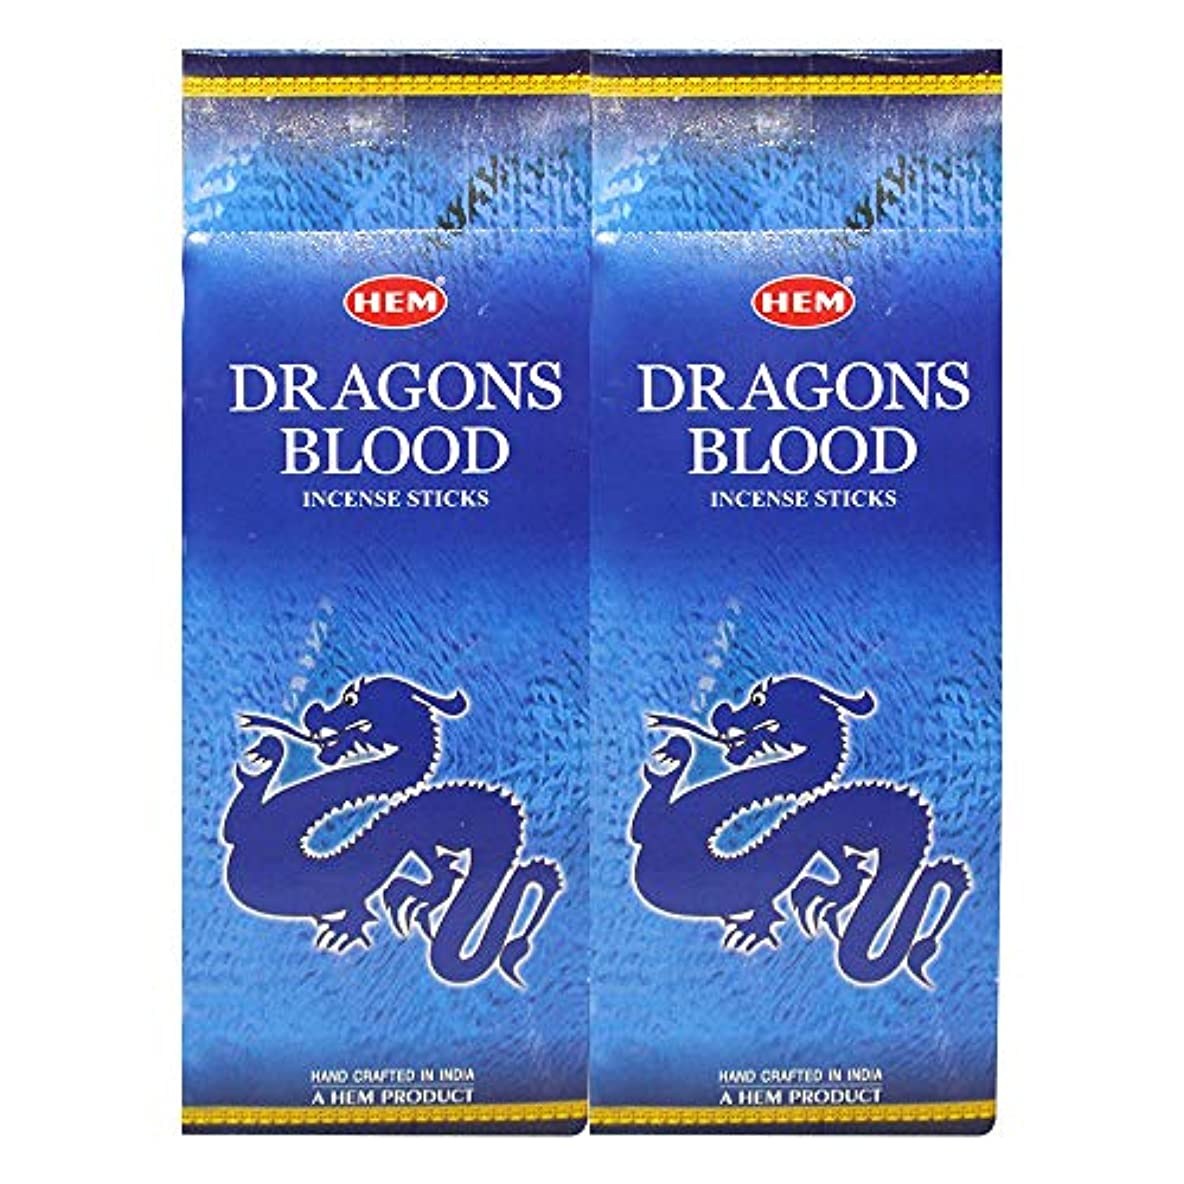 キャンドル食用近代化するHEM ドラゴンブラッドブルーアガーバティ12本パック お香スティックボックス 各20g